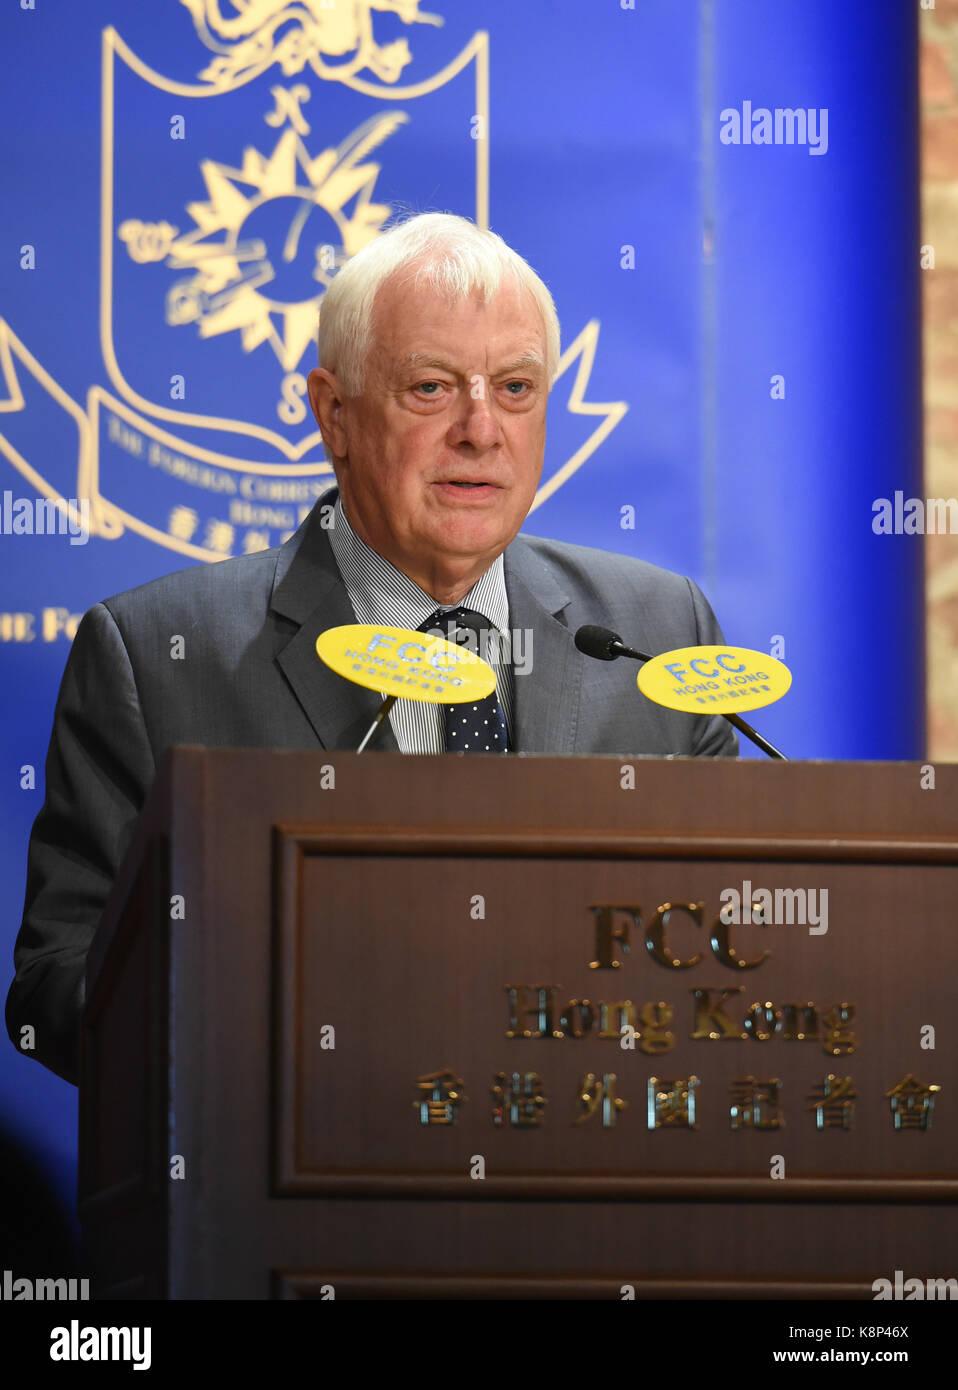 HONG KONG SAR,CHINA.19th September 2017. The Rt. Hon. Lord Patten of Barnes CH, former Governor of Hong Kong, gives - Stock Image